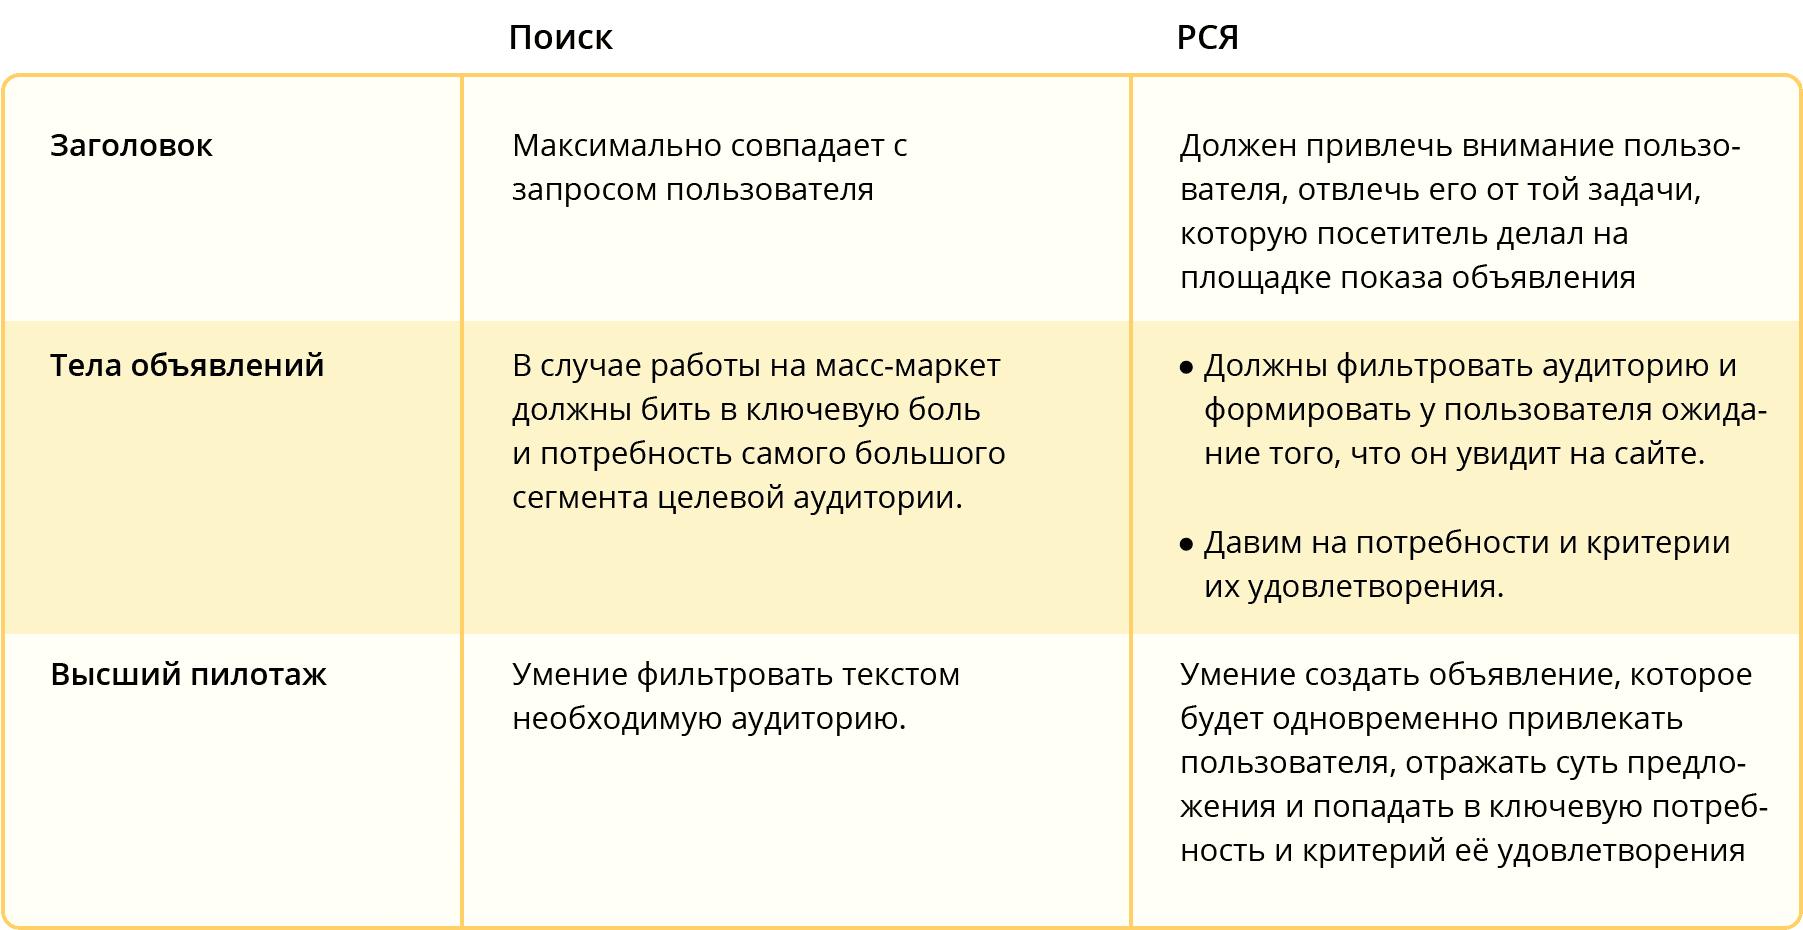 Коммуникация с пользователем